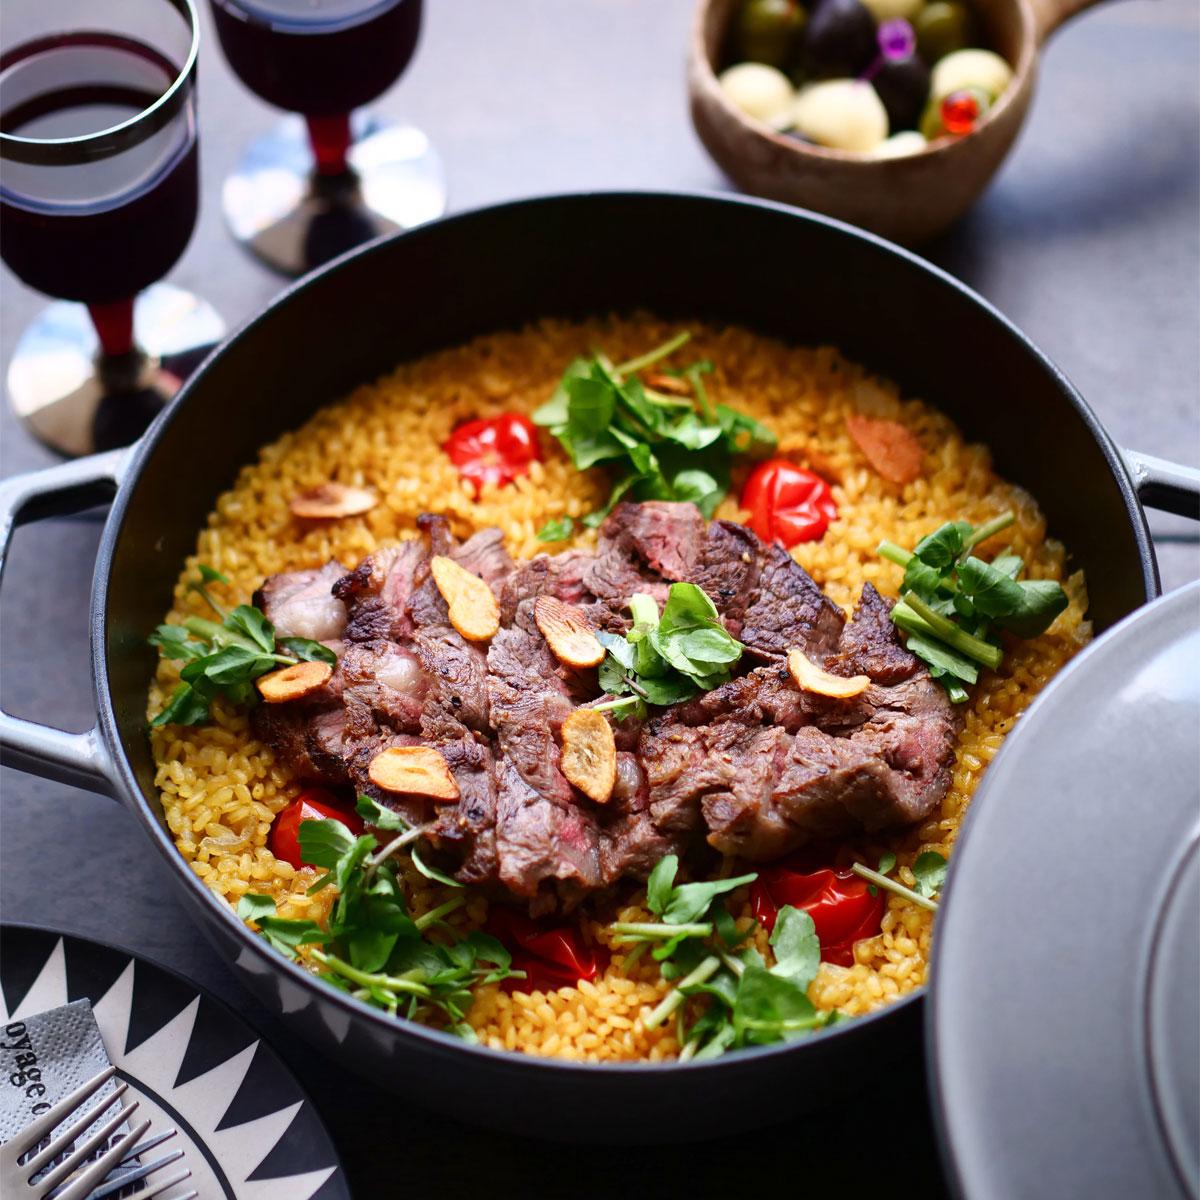 「お手軽キャンプ飯!玄米で作るステーキパエリア」画像